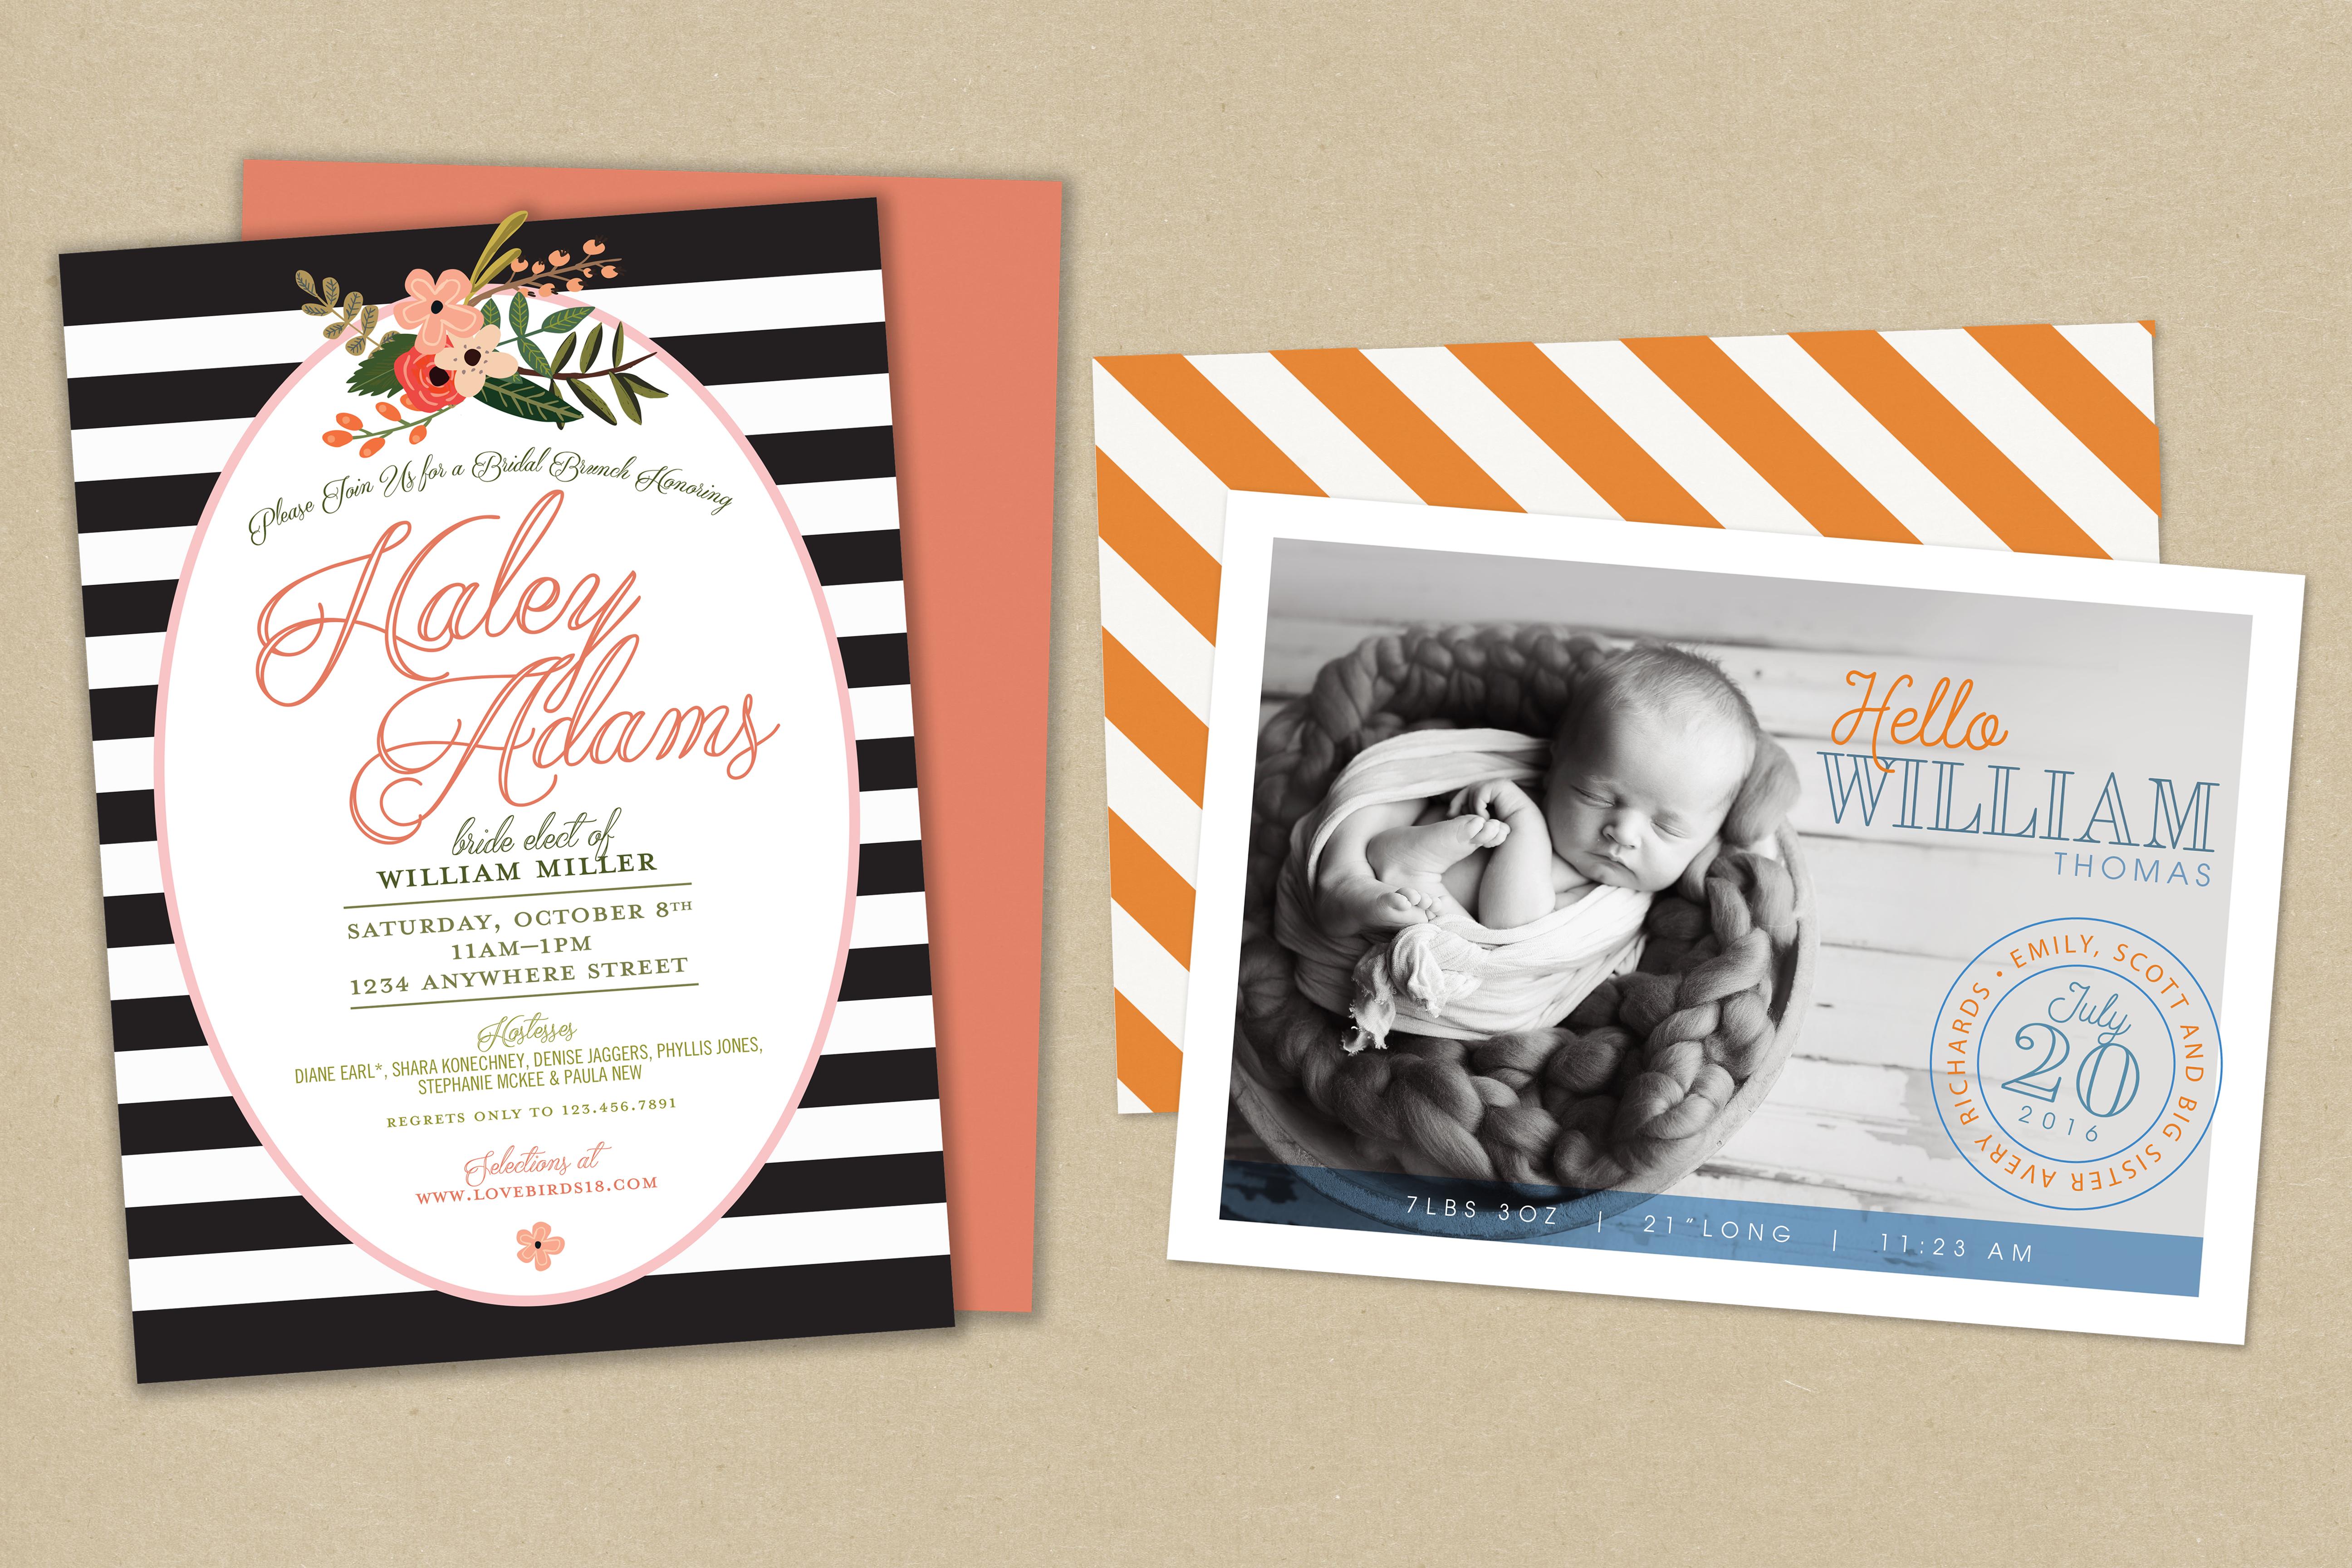 Announcements for Brides & Babies